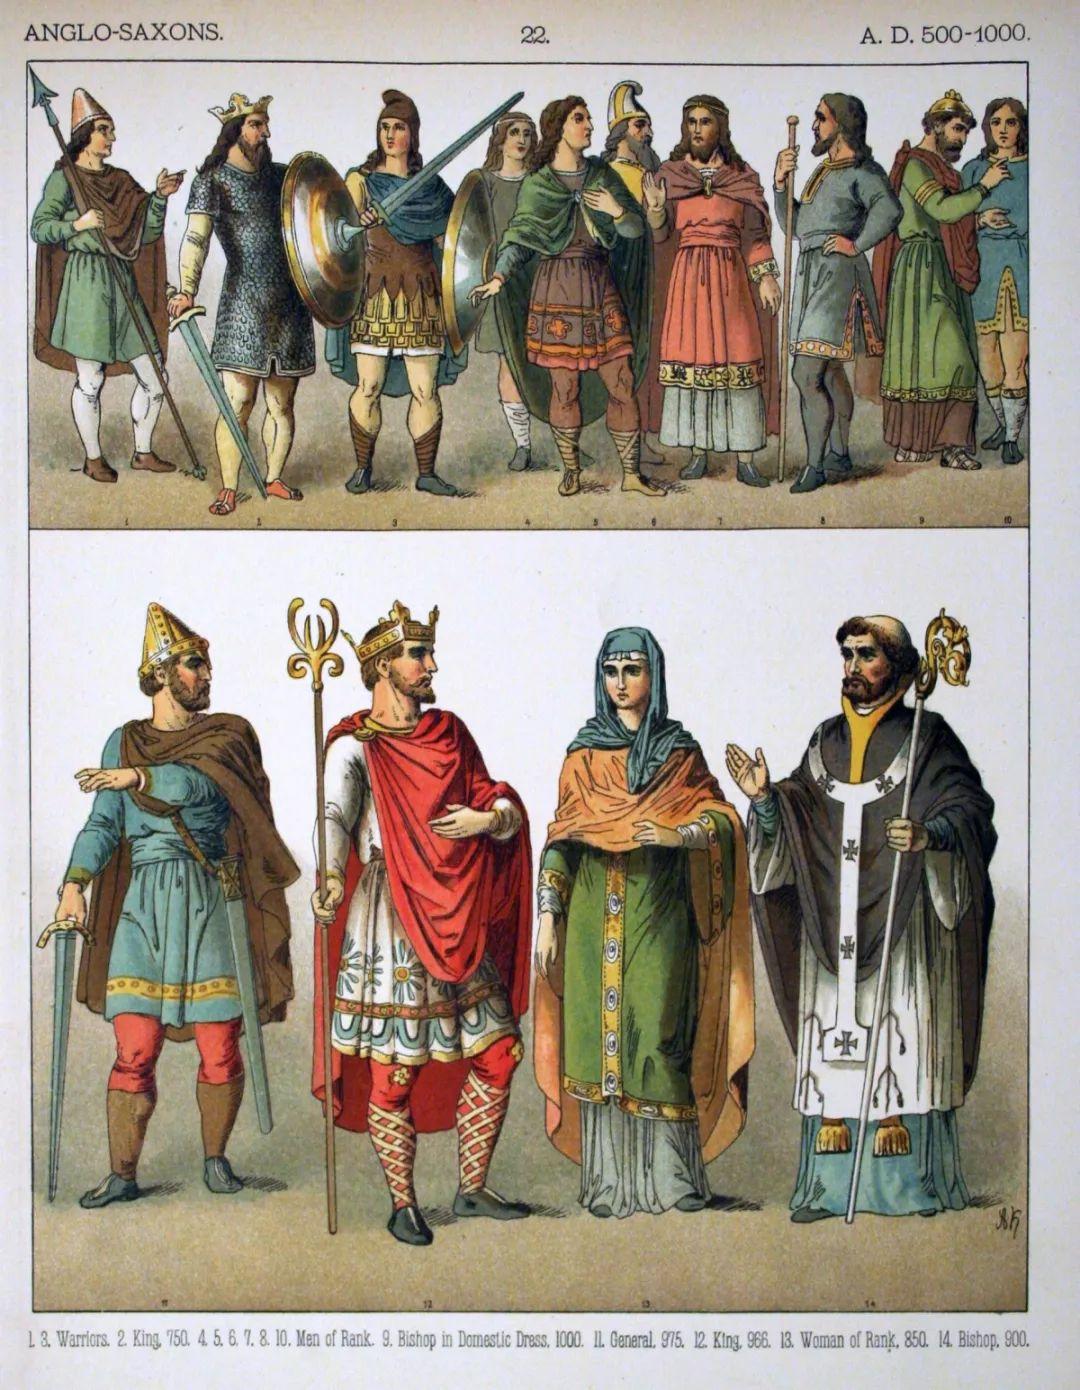 盎格鲁-撒克逊人的装扮